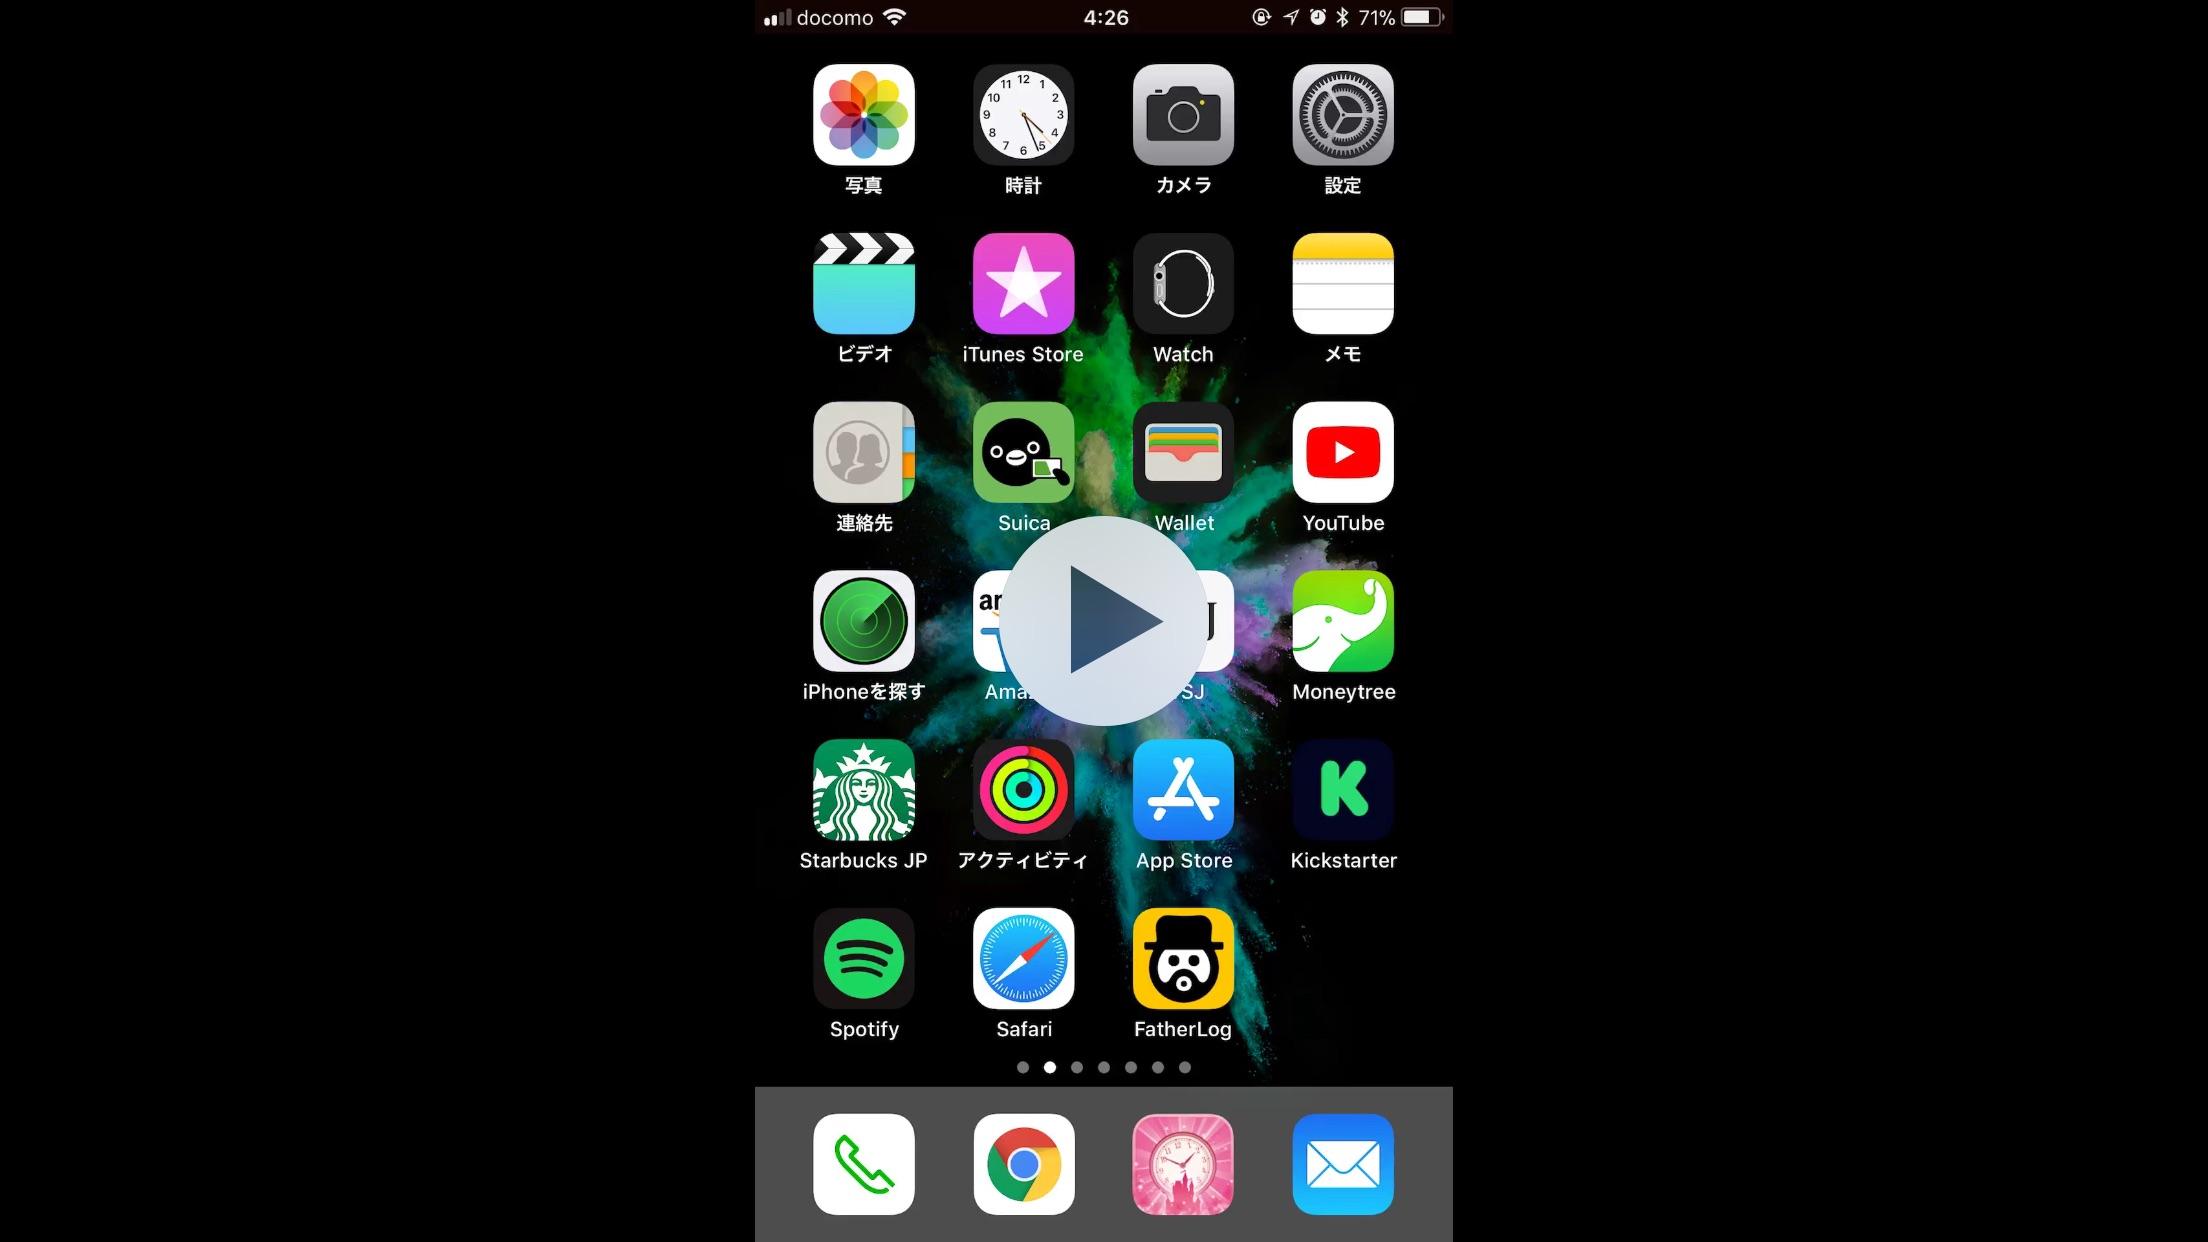 【iOS 11】iPhoneの画面を録画できる「画面収録」の設定方法や使い方